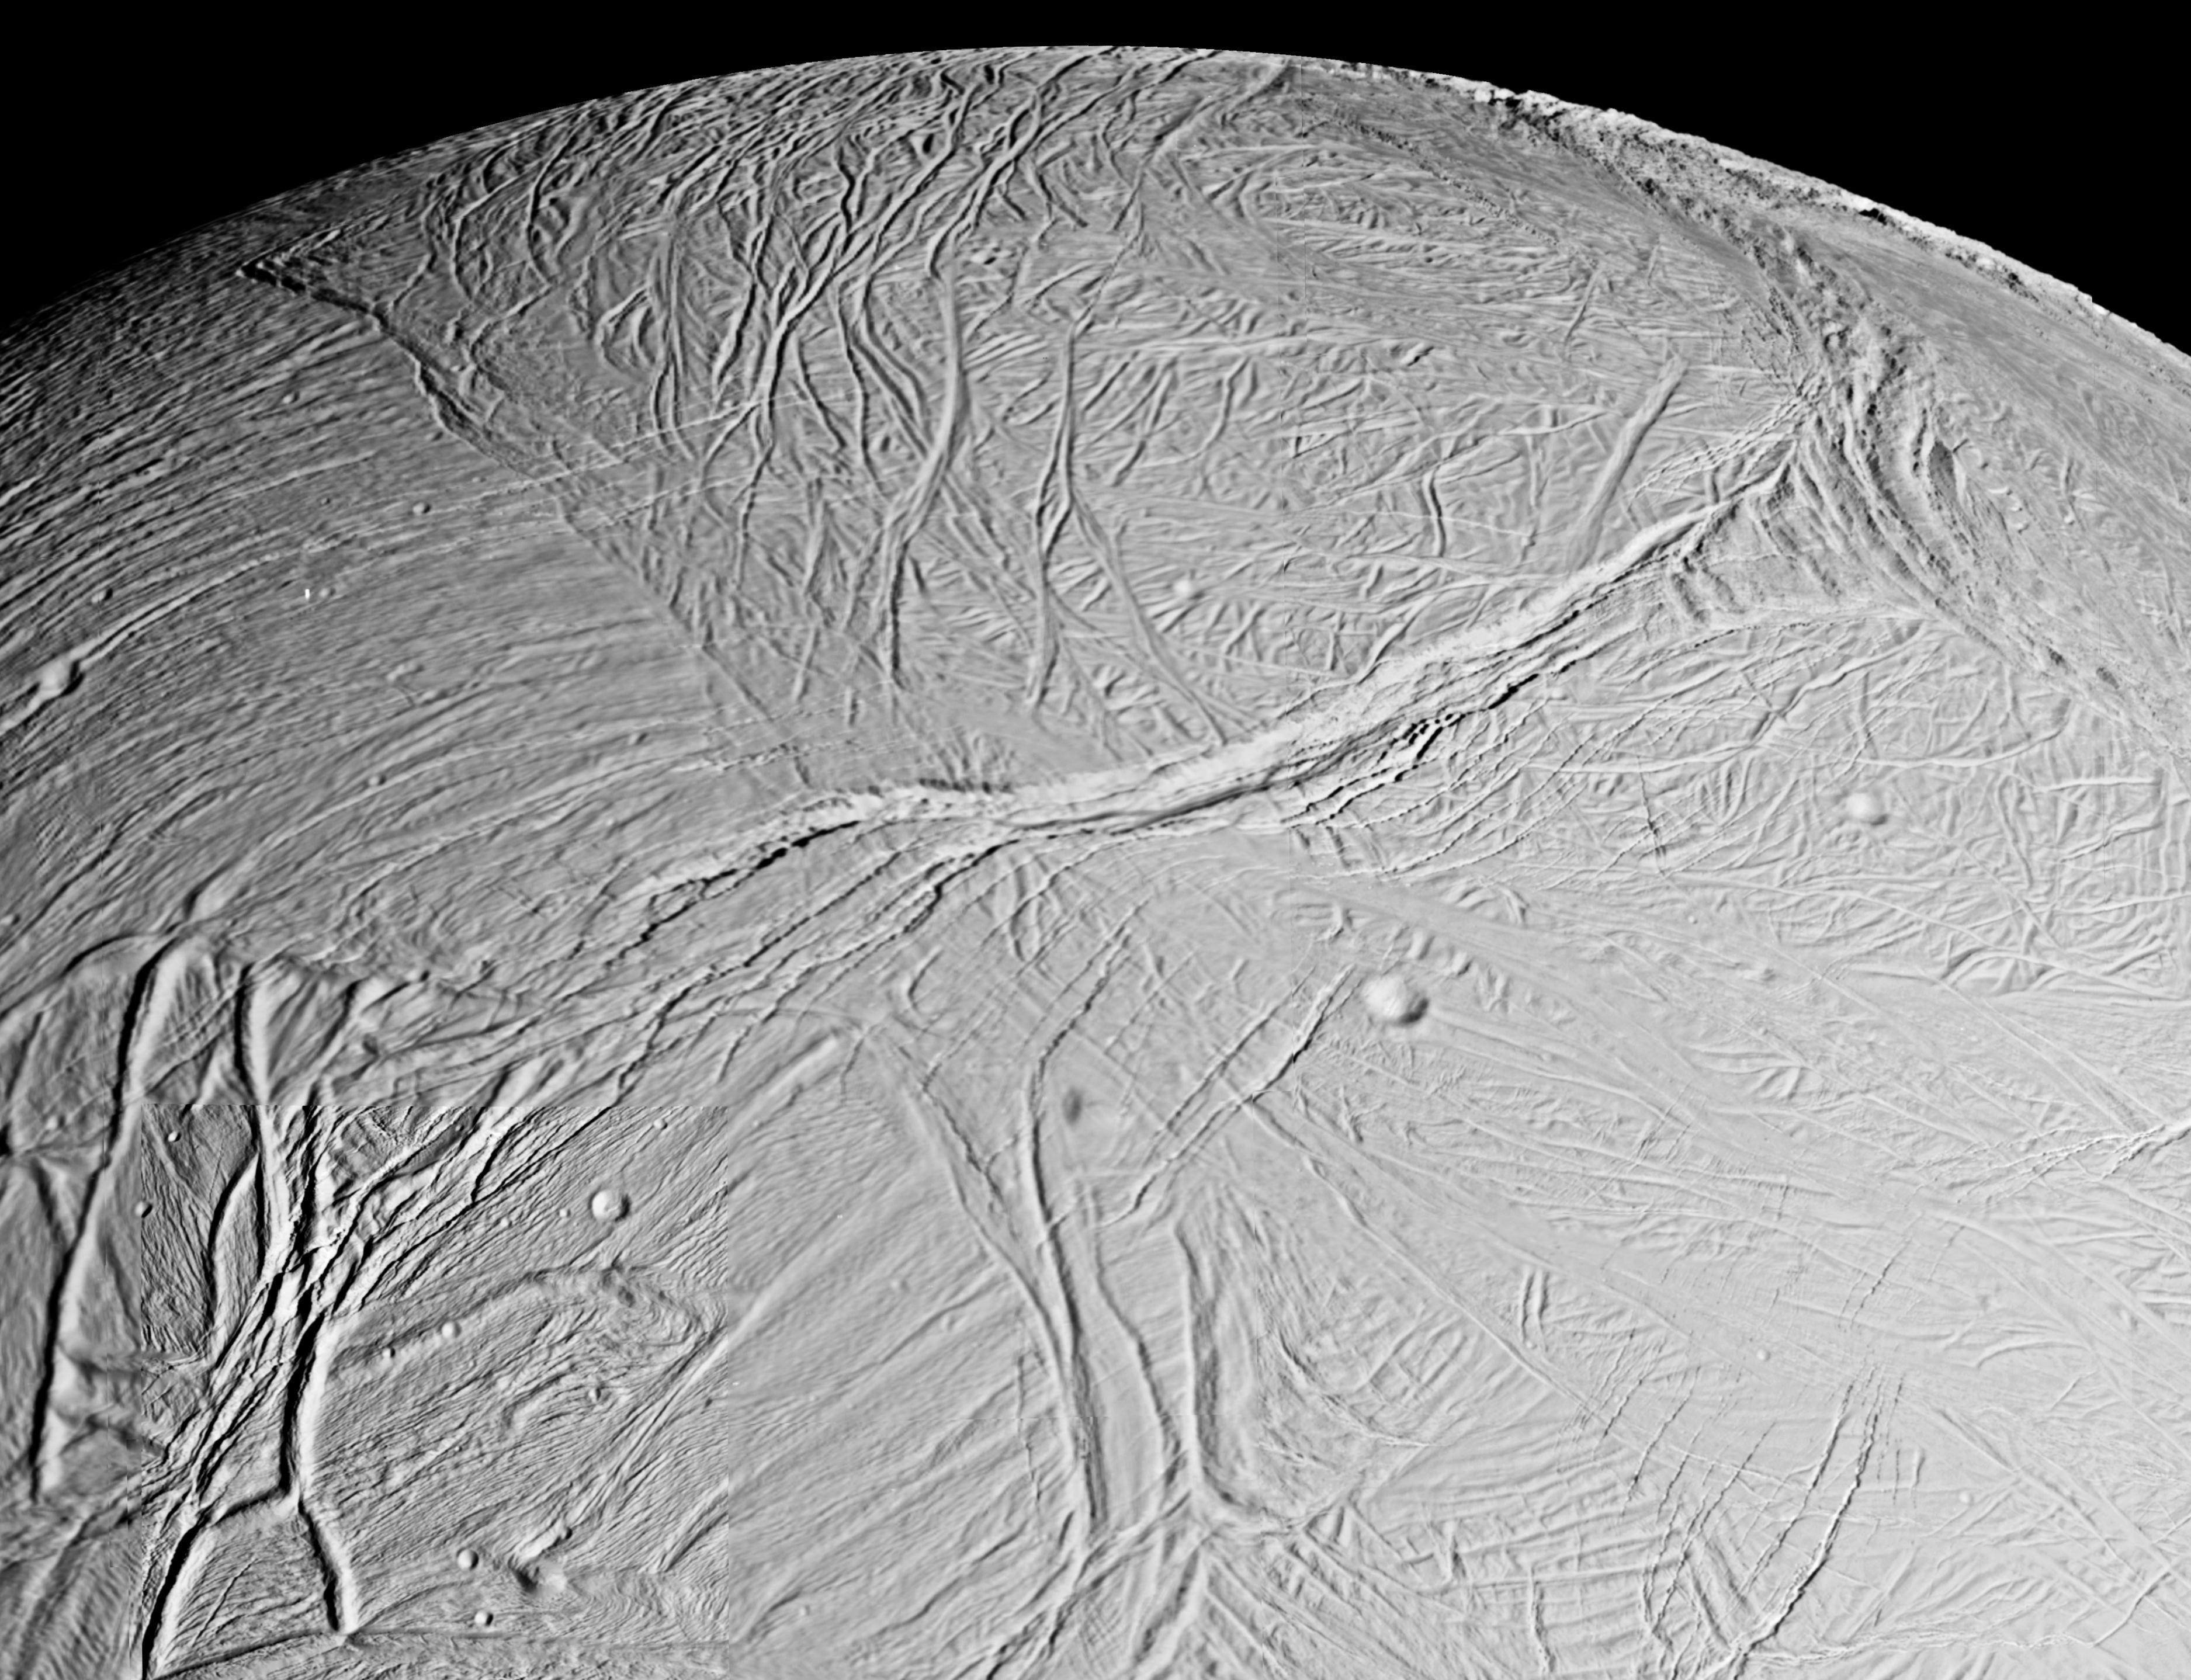 Overflaten til Enceladus minner om overflaten til Europa. Foto: NASA/JPL-Caltech